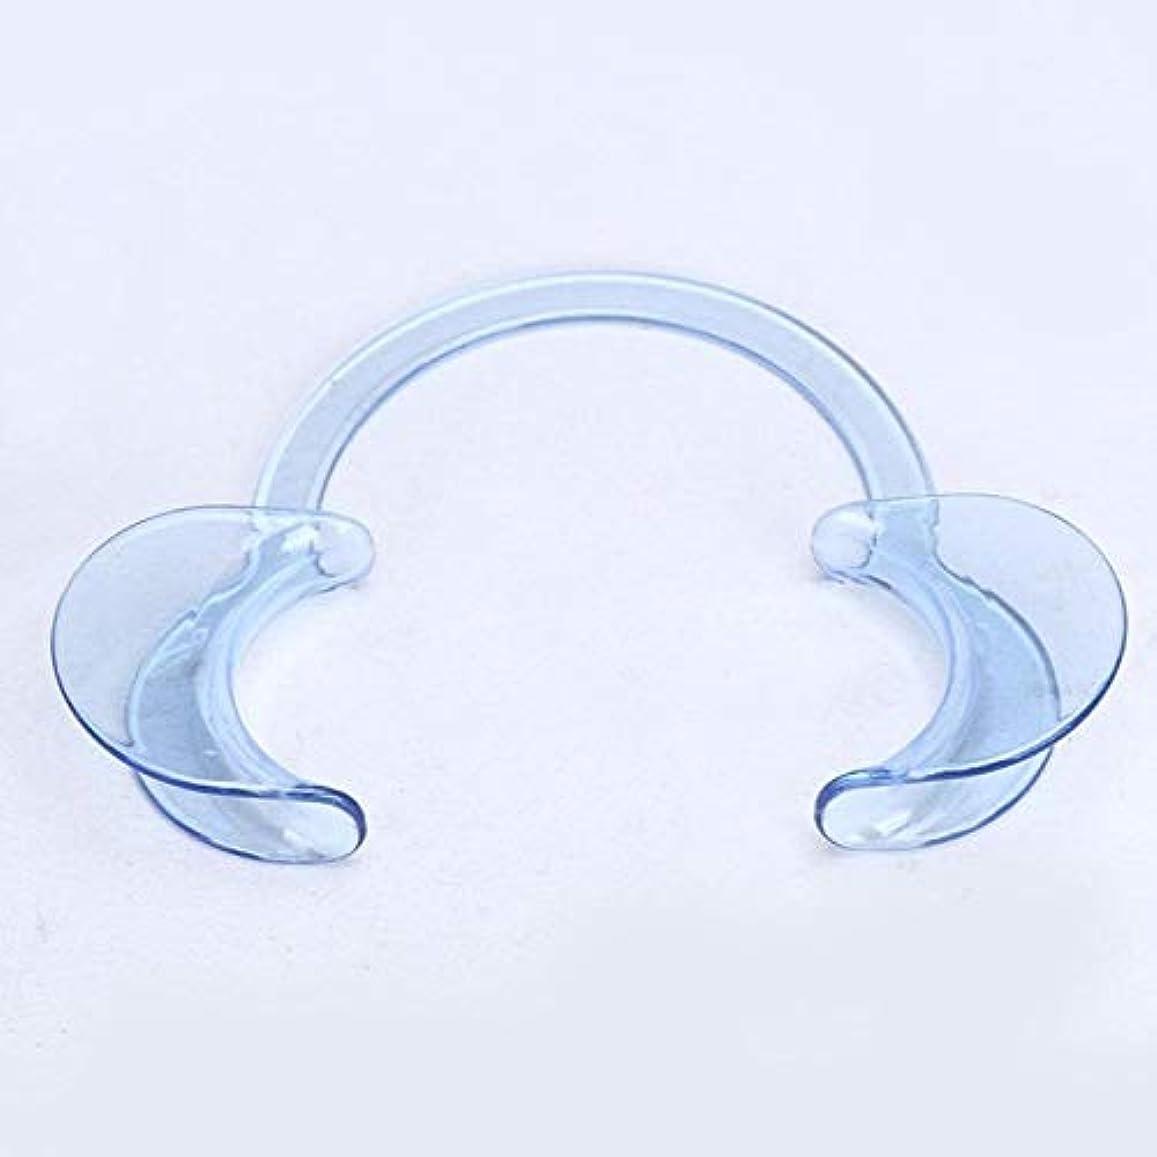 ハイライトゲージ冷ややかなDC パック 歯科 C型 開口器 口オープナー マウスオープナー 開口マウスオープナー C型ホワイトニング口の開創器